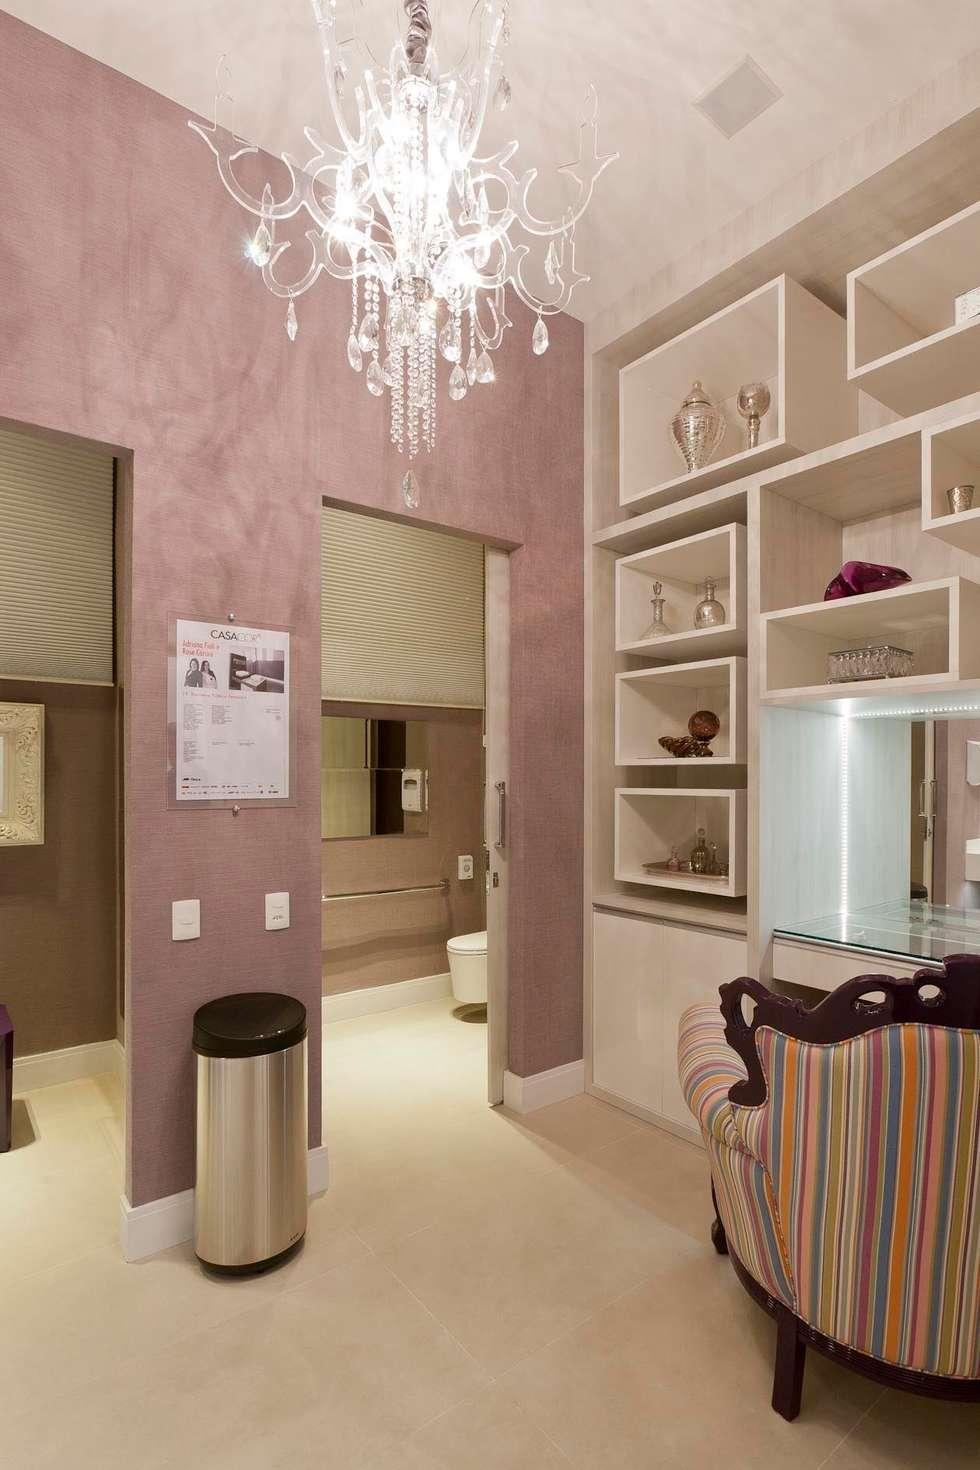 Banheiro Público Casa Cor São Paulo: Banheiros modernos por  Adriana Fiali e Rose Corsini - FICODesign